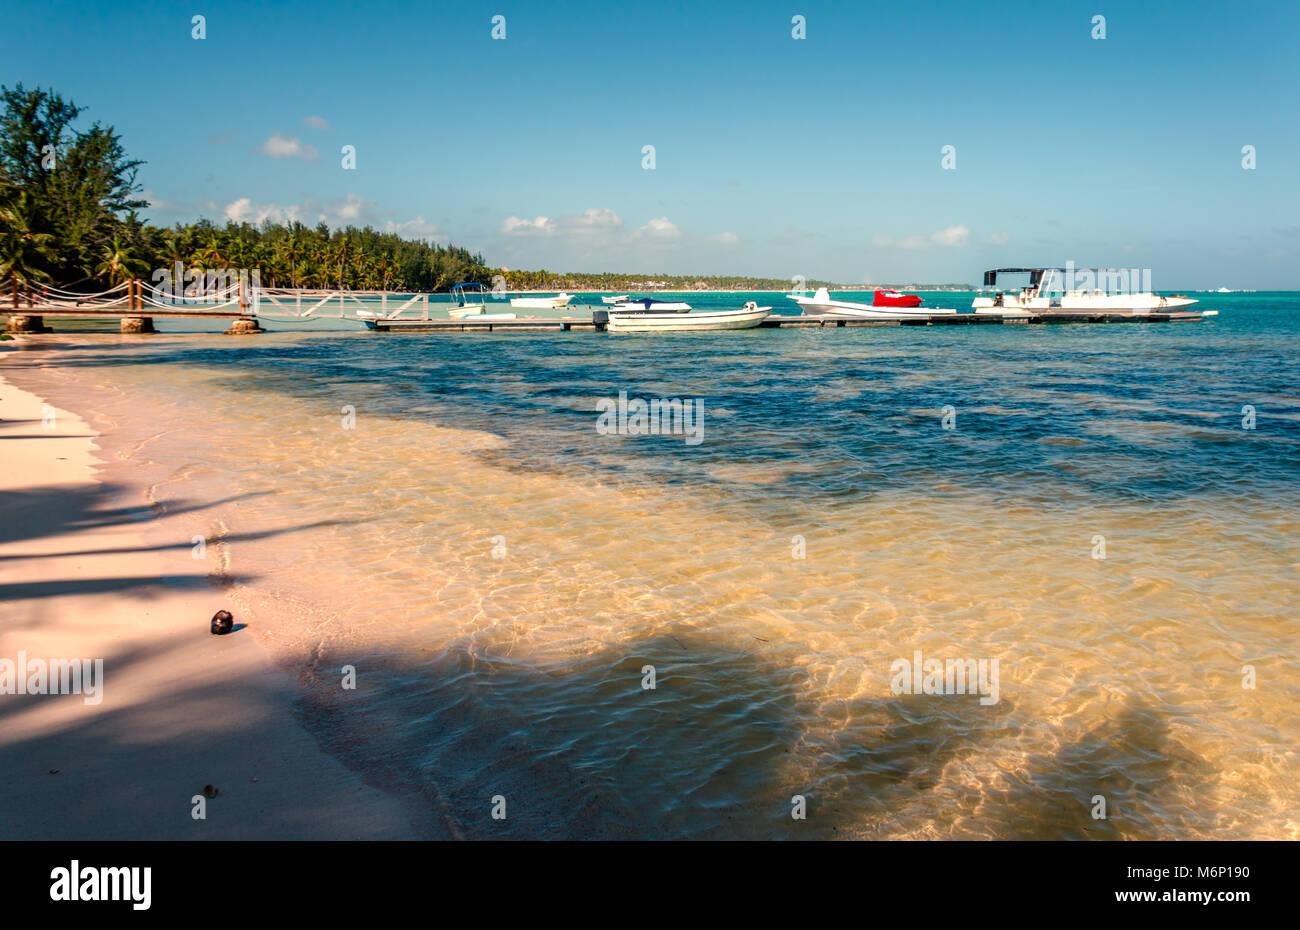 Una playa tropical con claras aguas del océano, coco en la perca, un embarcadero con botes y yates, palmerales Imagen De Stock